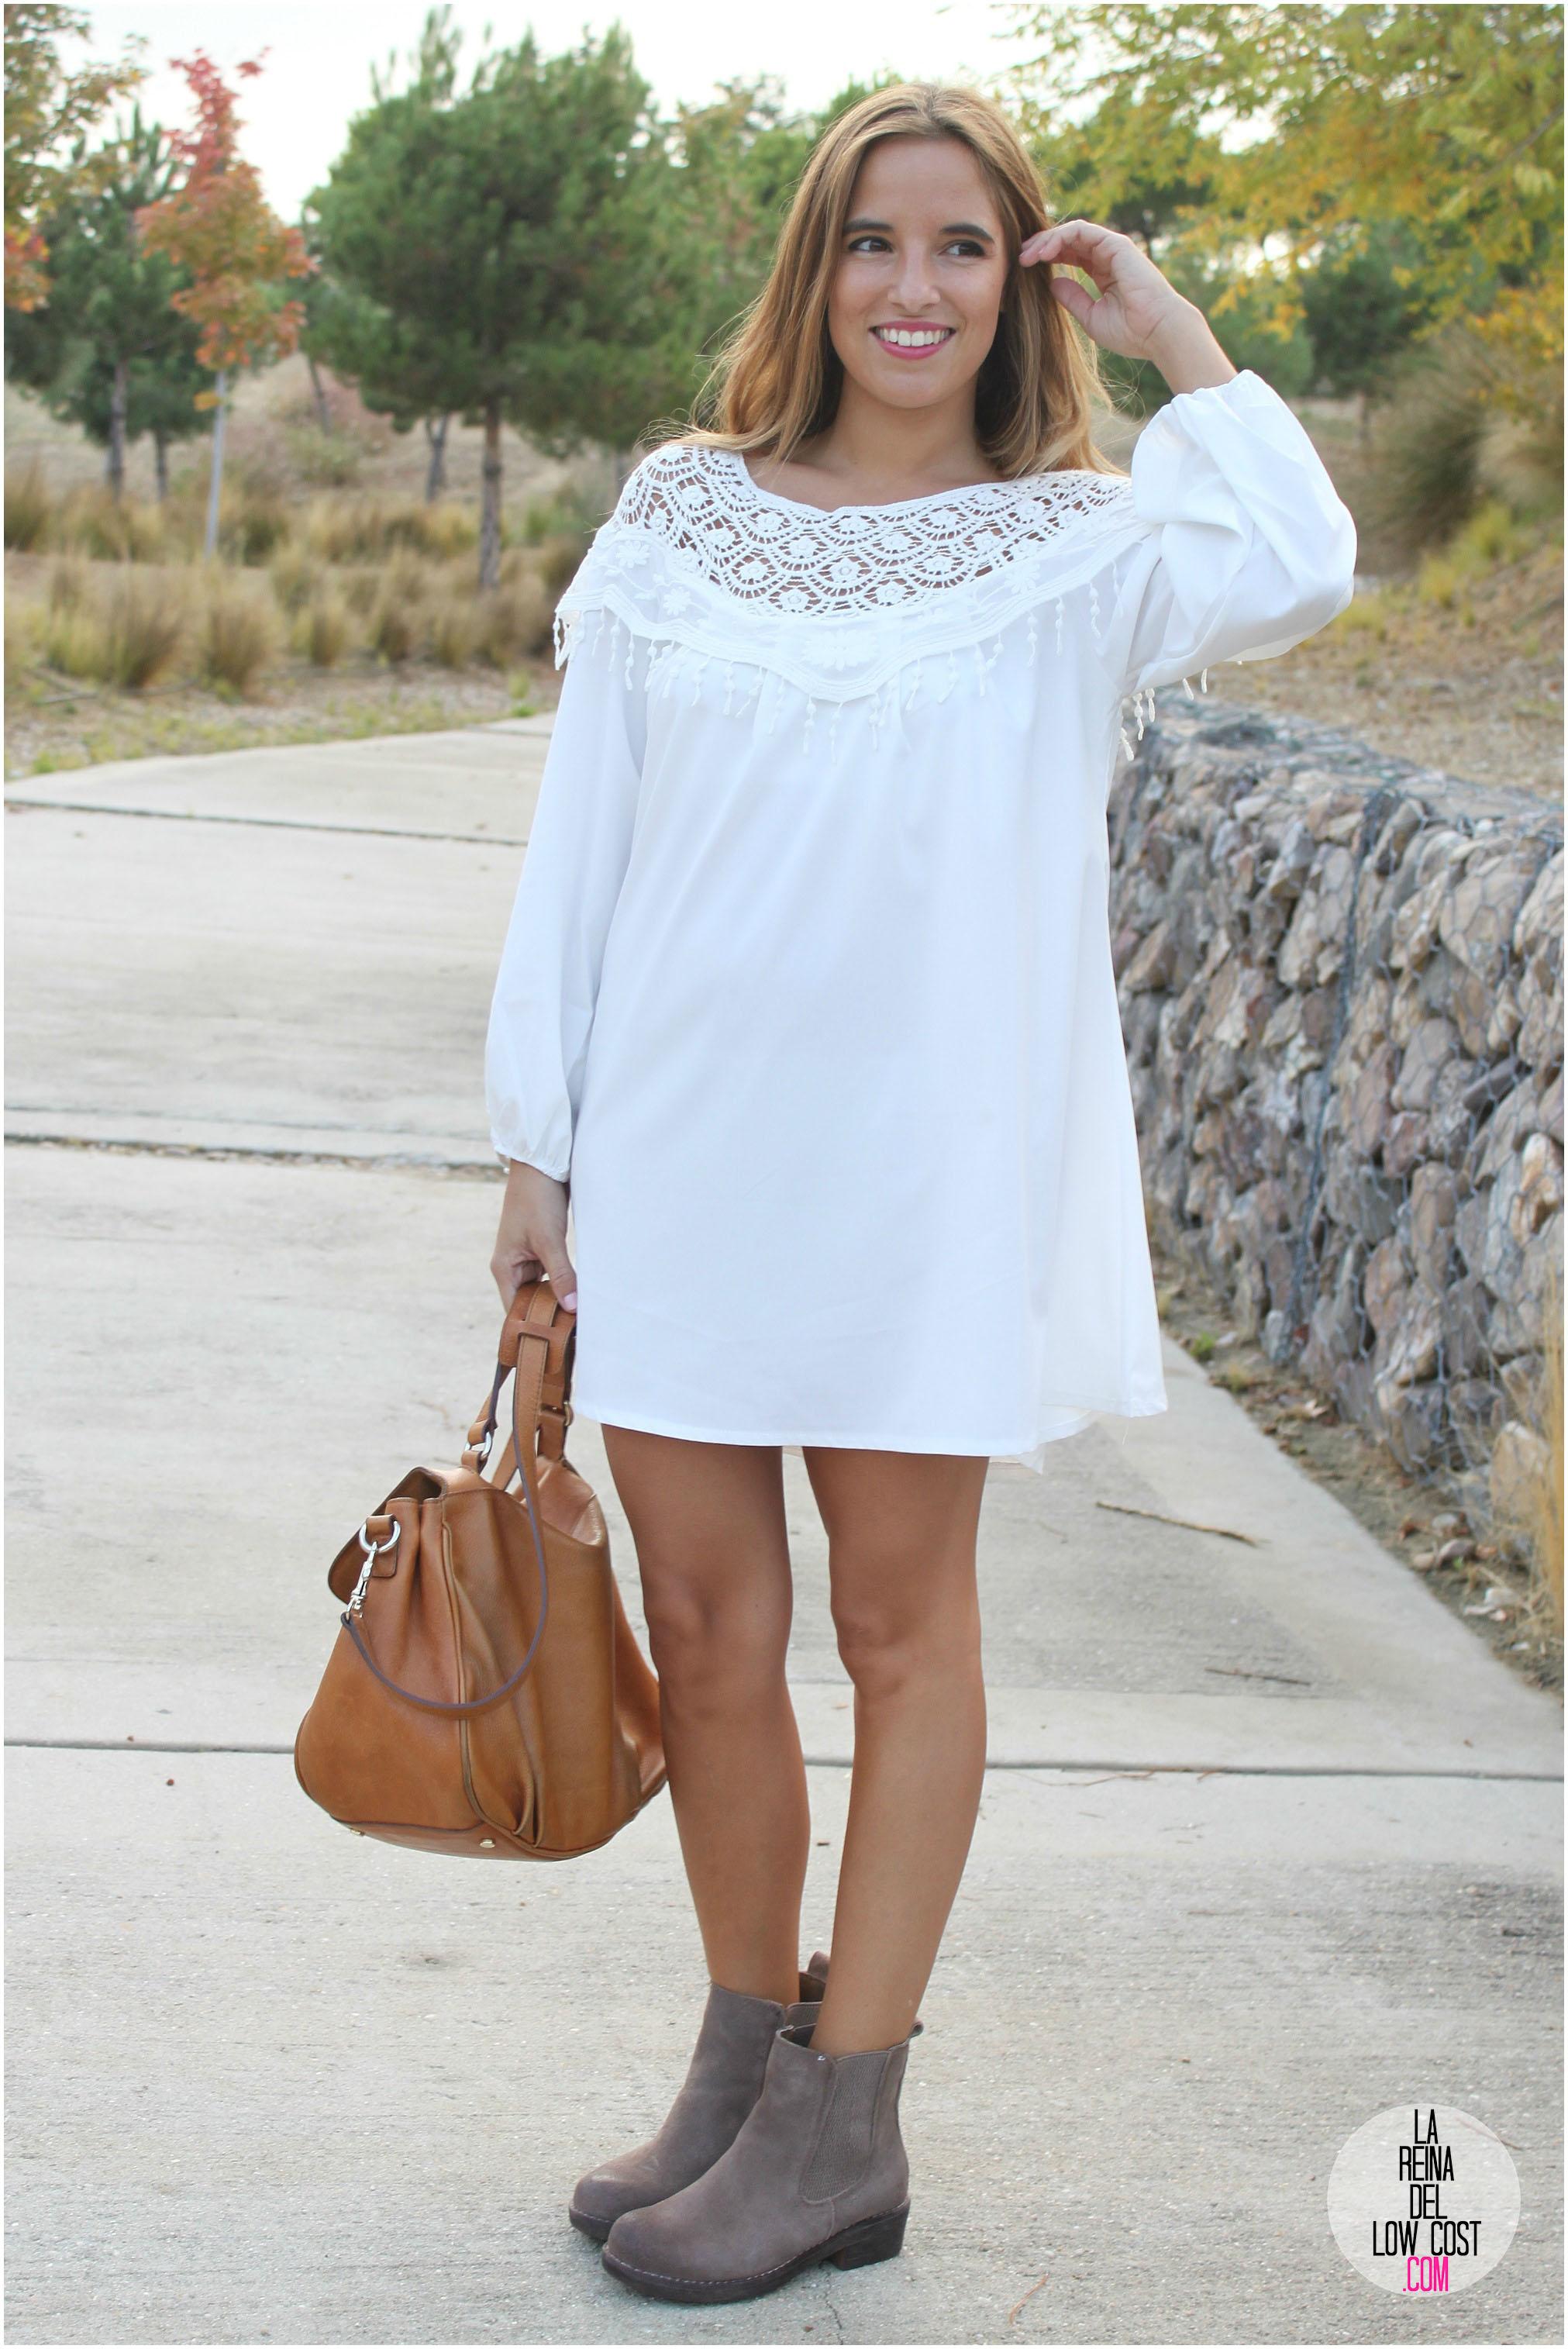 9a7289db0 Vestido y botines  look de otoño 2014 – La Reina del Low Cost